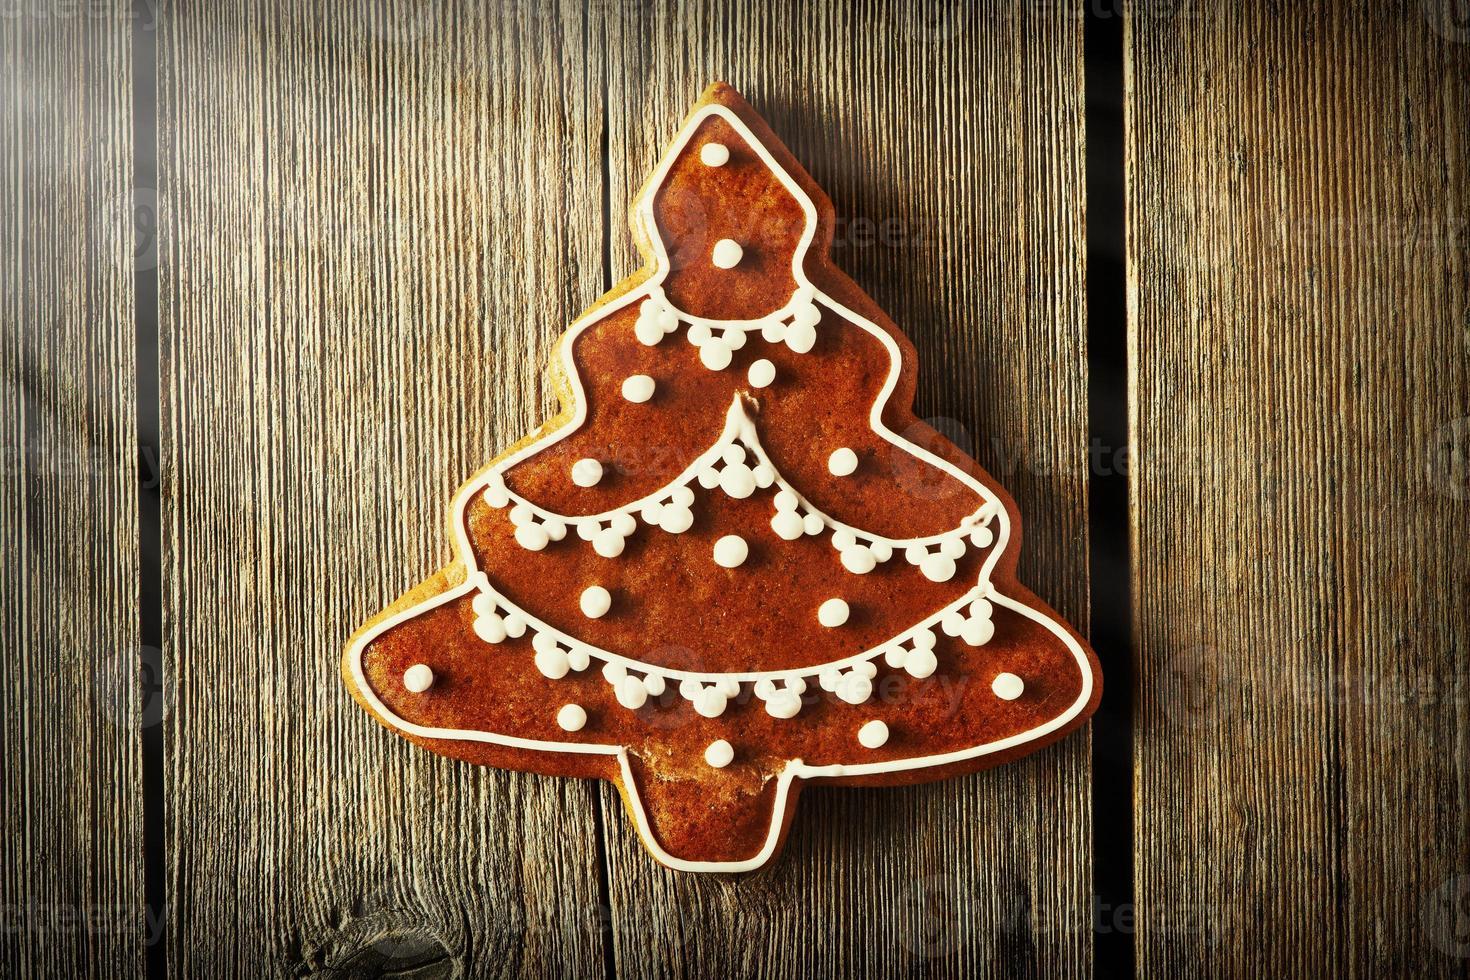 kerst zelfgemaakt peperkoekkoekje foto